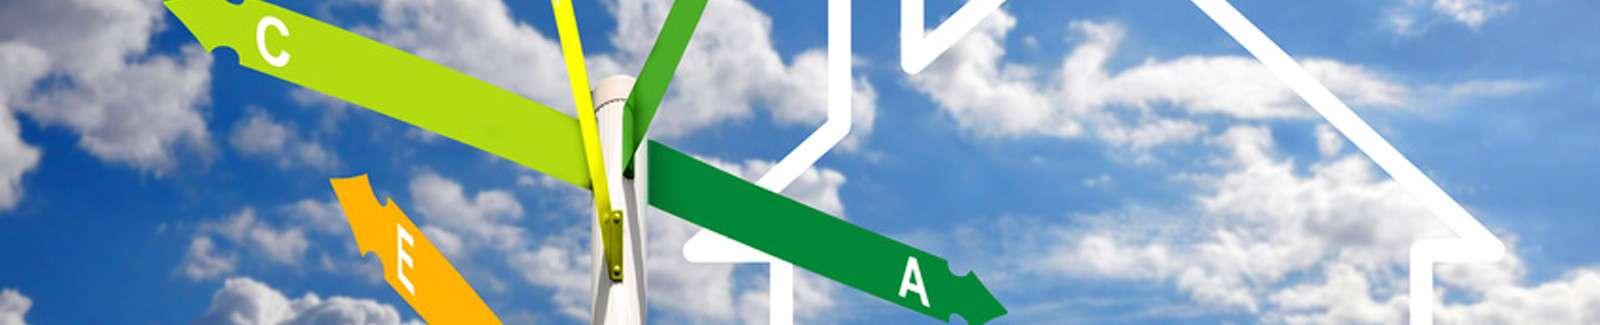 samen-geeft-energie-headerimage